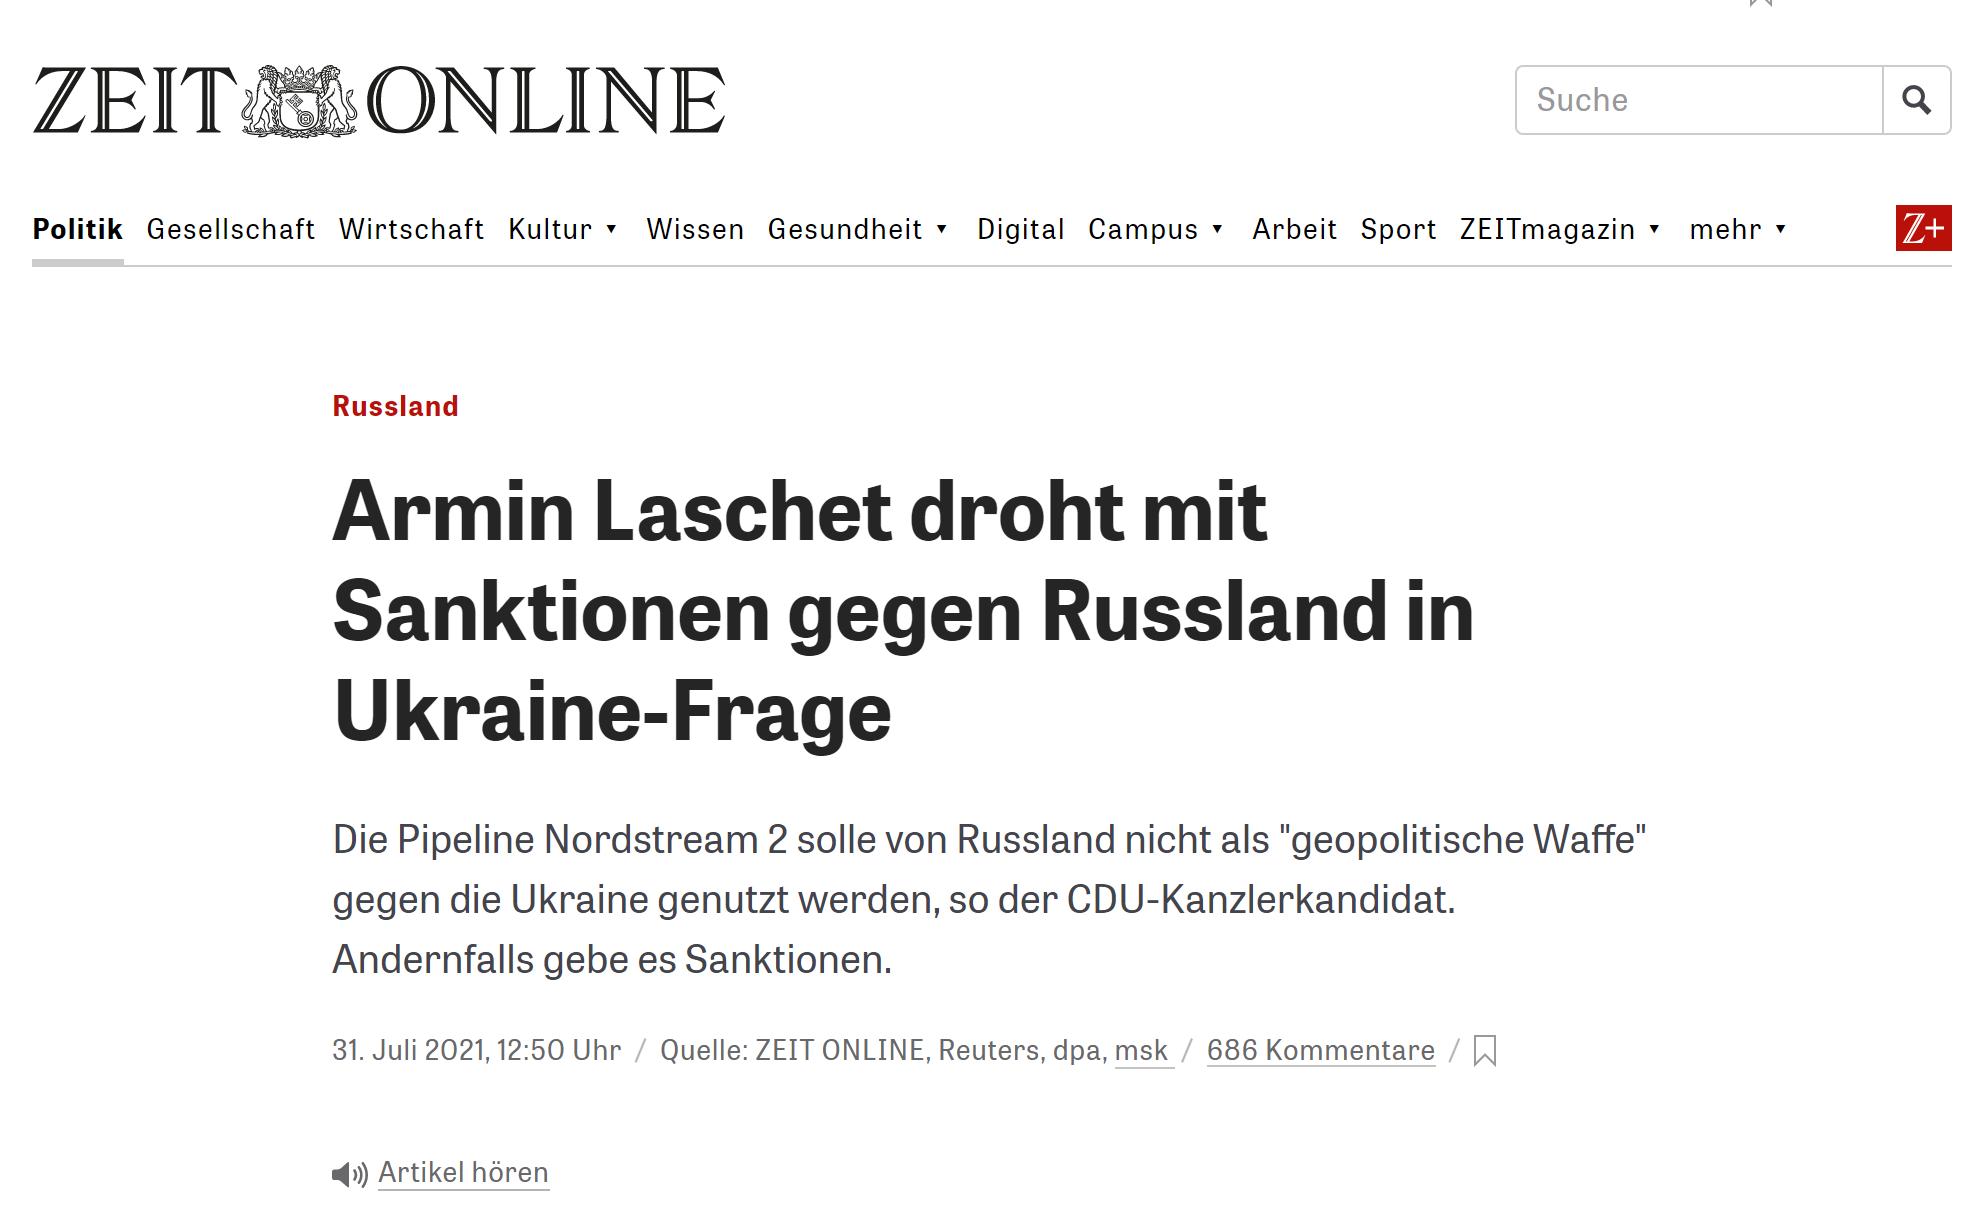 """德國總理候選人公開威脅俄羅斯:如果對烏克蘭實施""""侵略行為"""",將面臨制裁-圖1"""